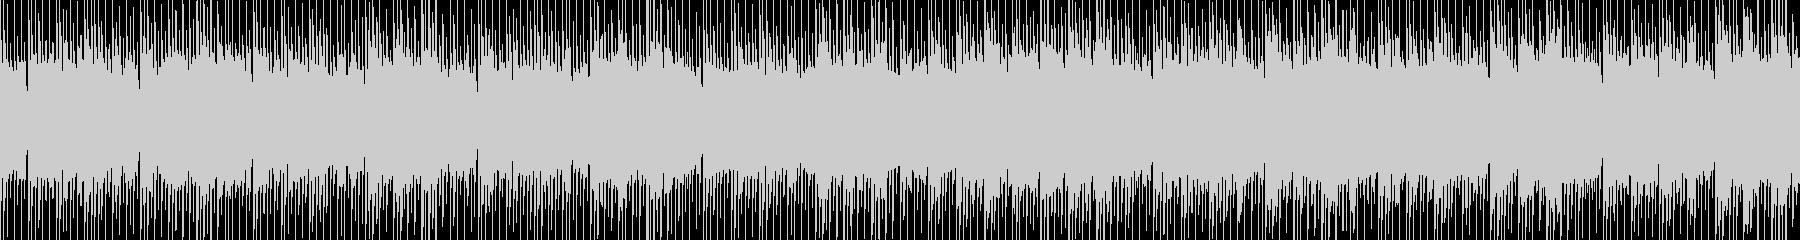 ニュース映像ナレーションバック向け-25の未再生の波形